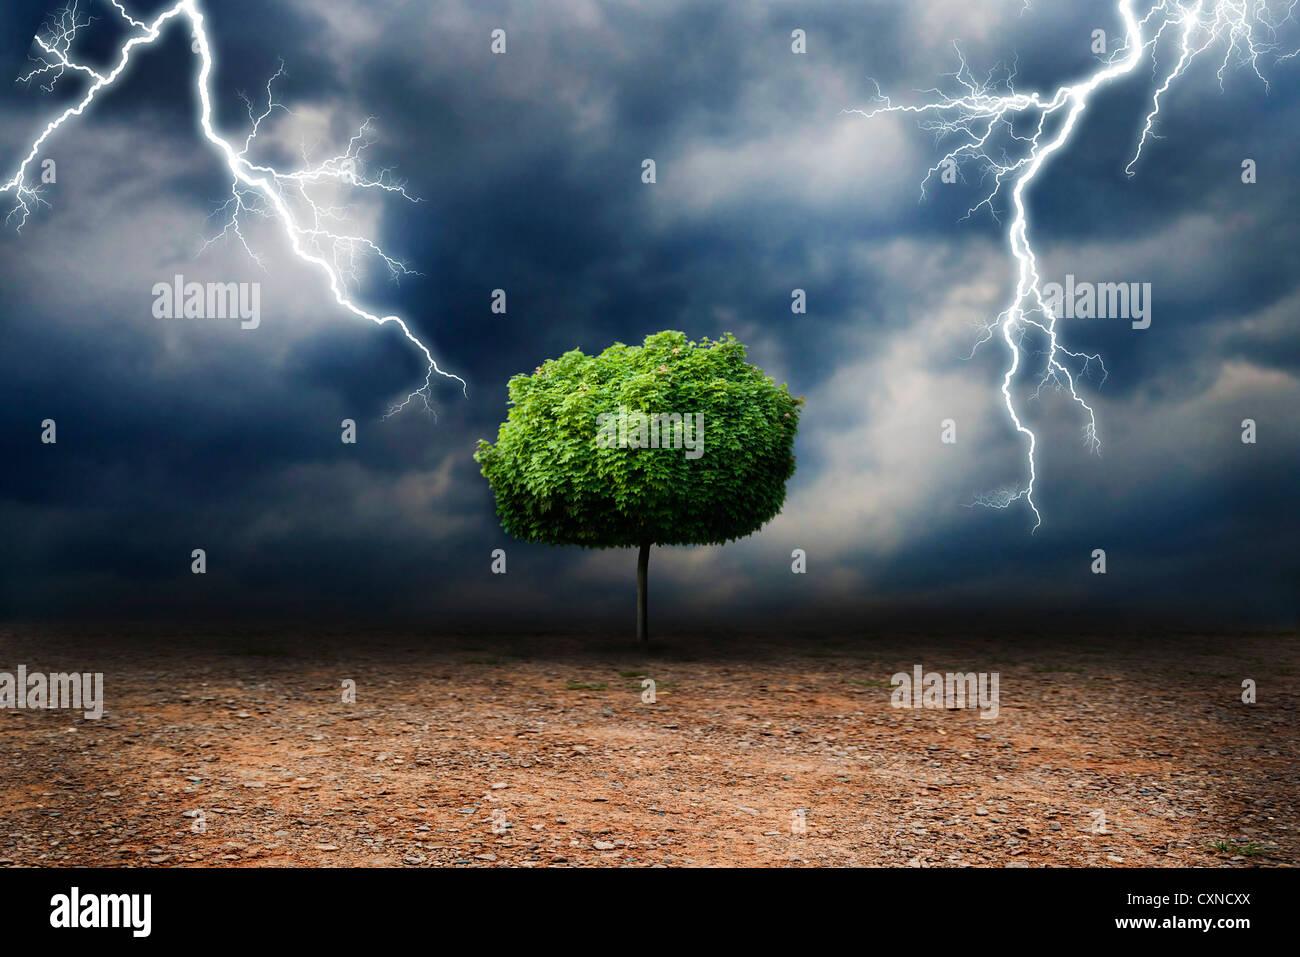 Lone Tree su un deserto sotto una tempesta, il riscaldamento globale e i cambiamenti climatici concept Immagini Stock